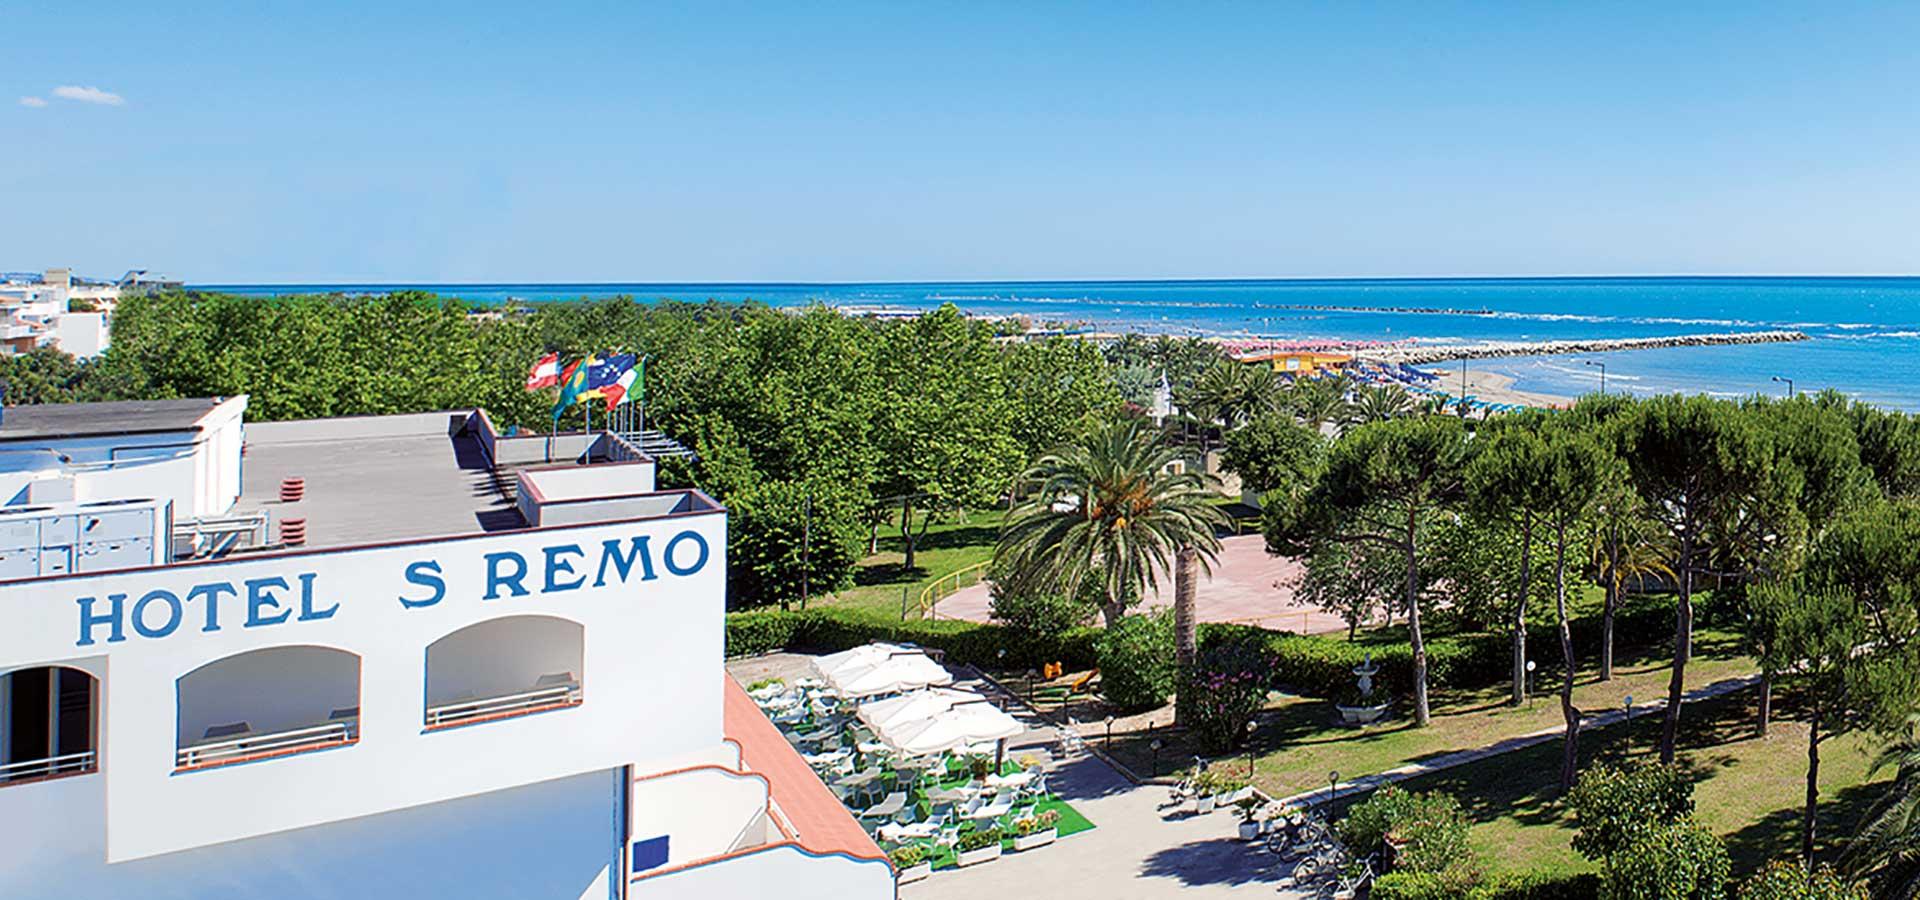 Hotel San Remo - Benvenuti <br/>all'Hotel San Remo